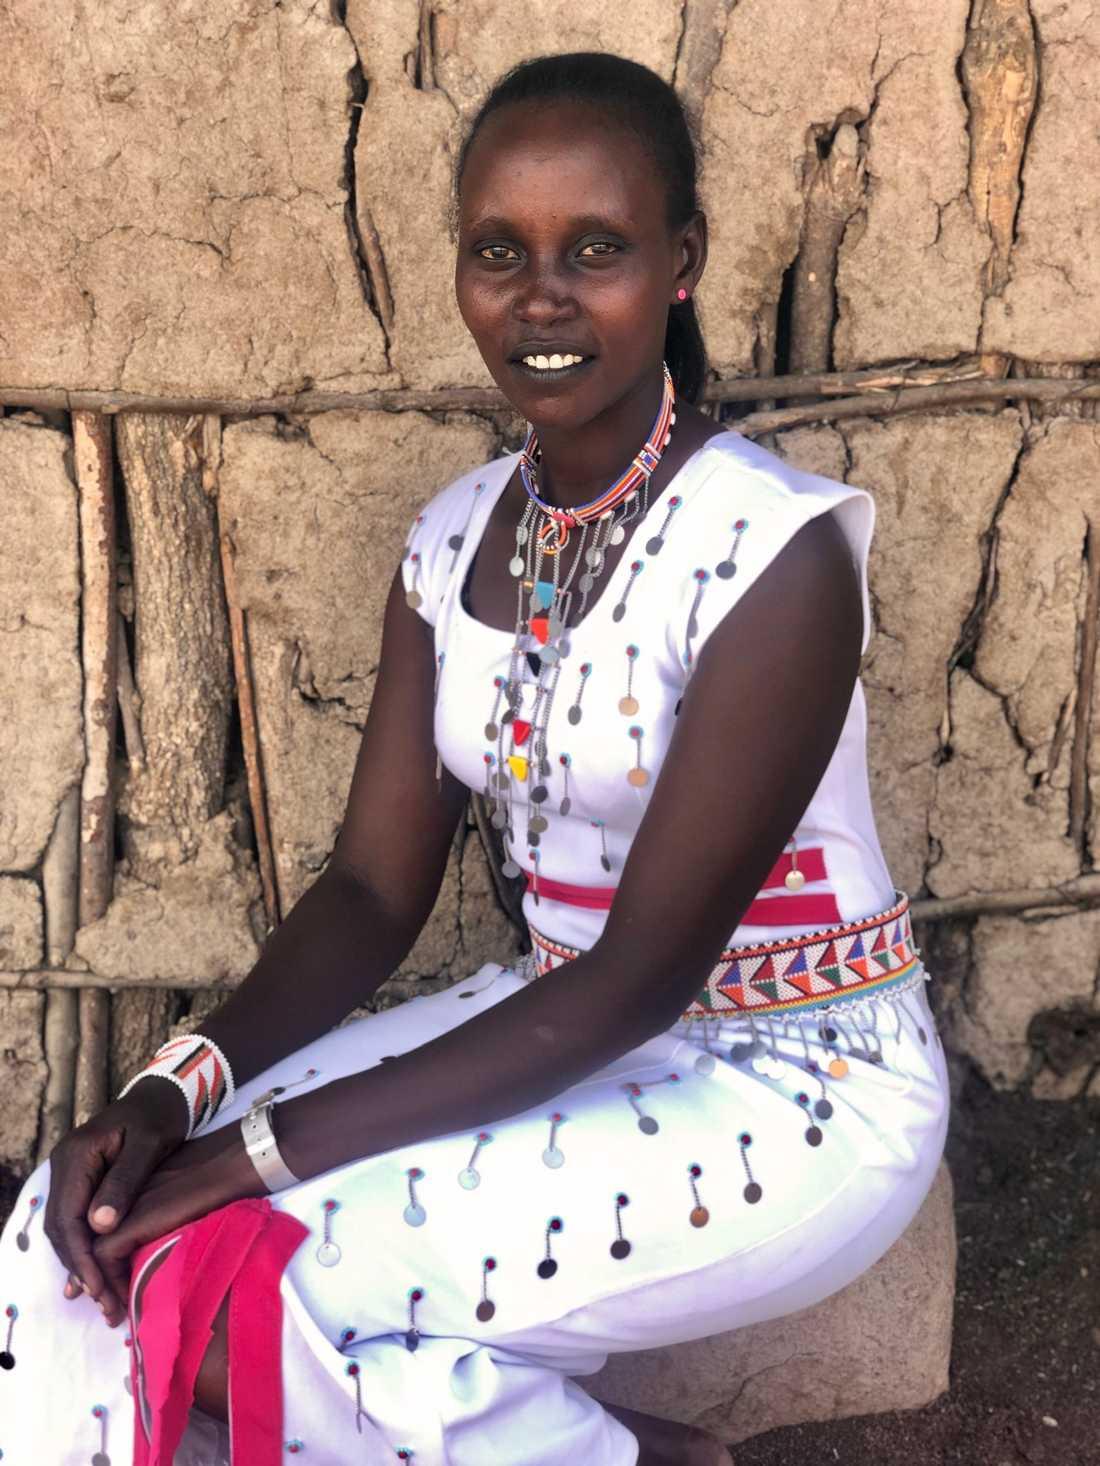 """Resiato Kayieni berättar hur hon efter könsstympningen böjde sig fram för att titta på sitt underliv: """"Det var så rött och fult. Hade jag vetat att det var så här det skulle se ut hade jag aldrig gått med på att bli könsstympad."""""""